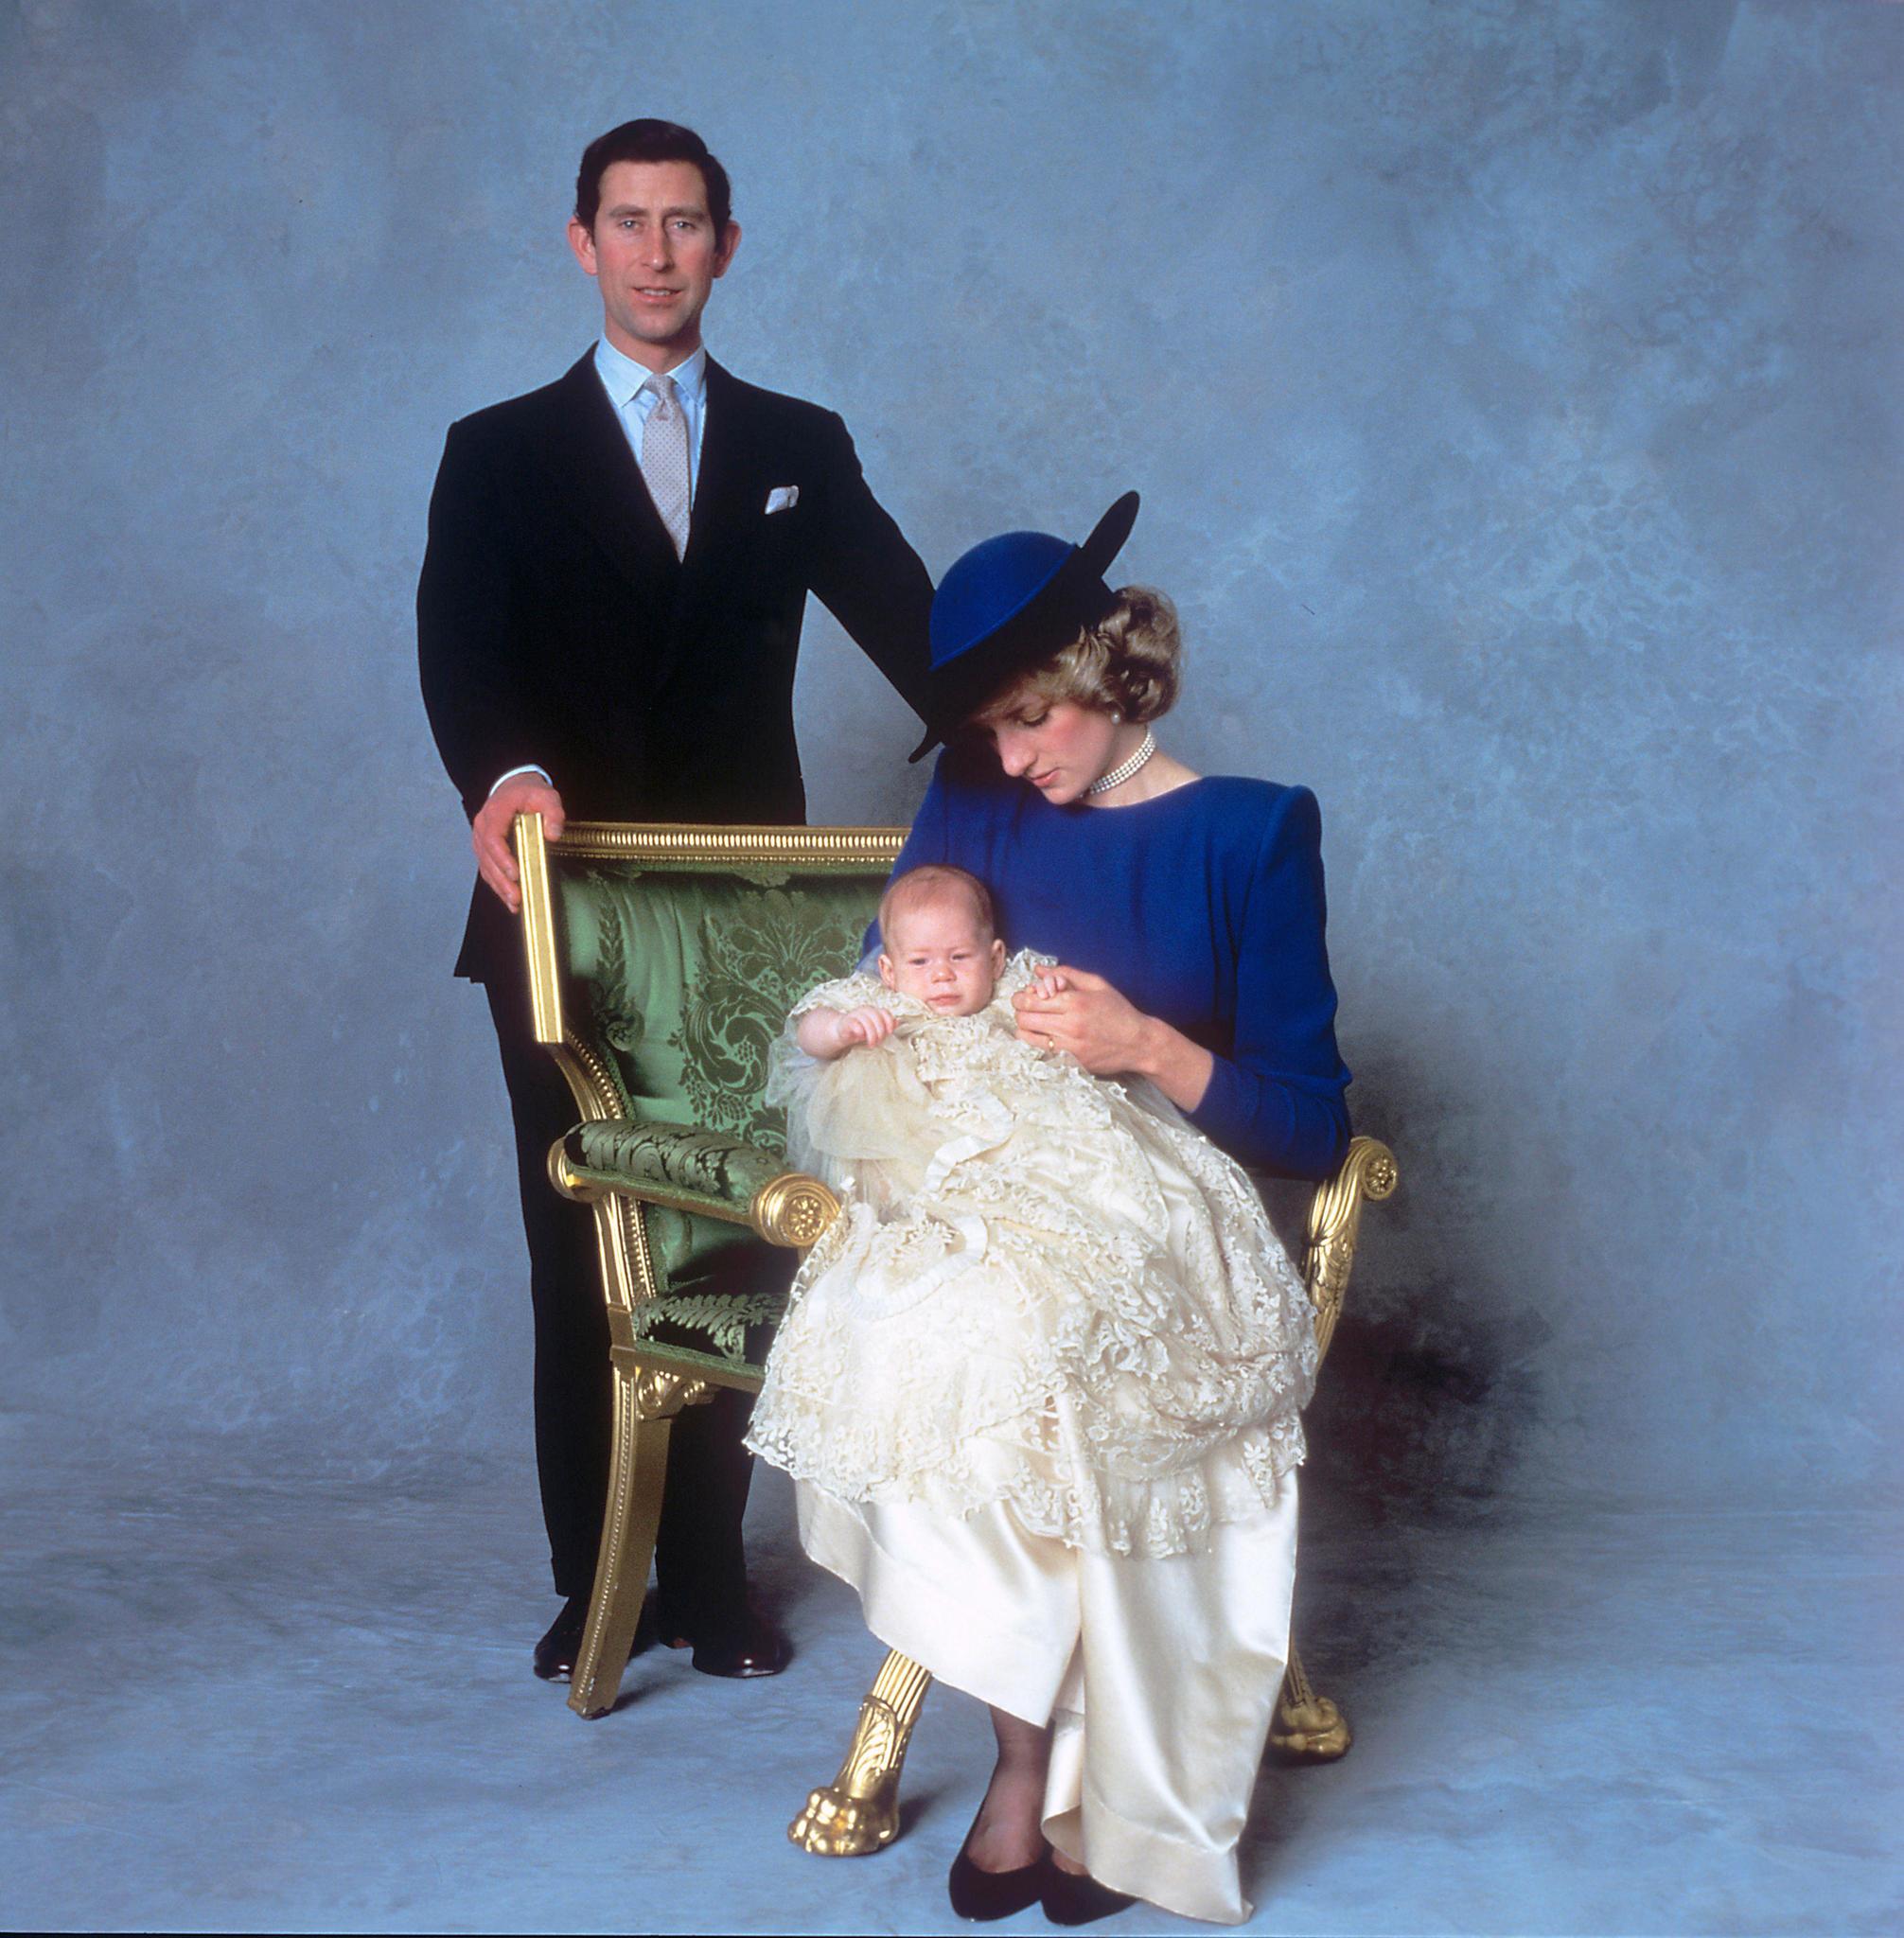 Prinz Charles und Ehefrau Diana posieren mit ihrem gerade getaufen Sohn Henry 1984 für das offizielle Bild.